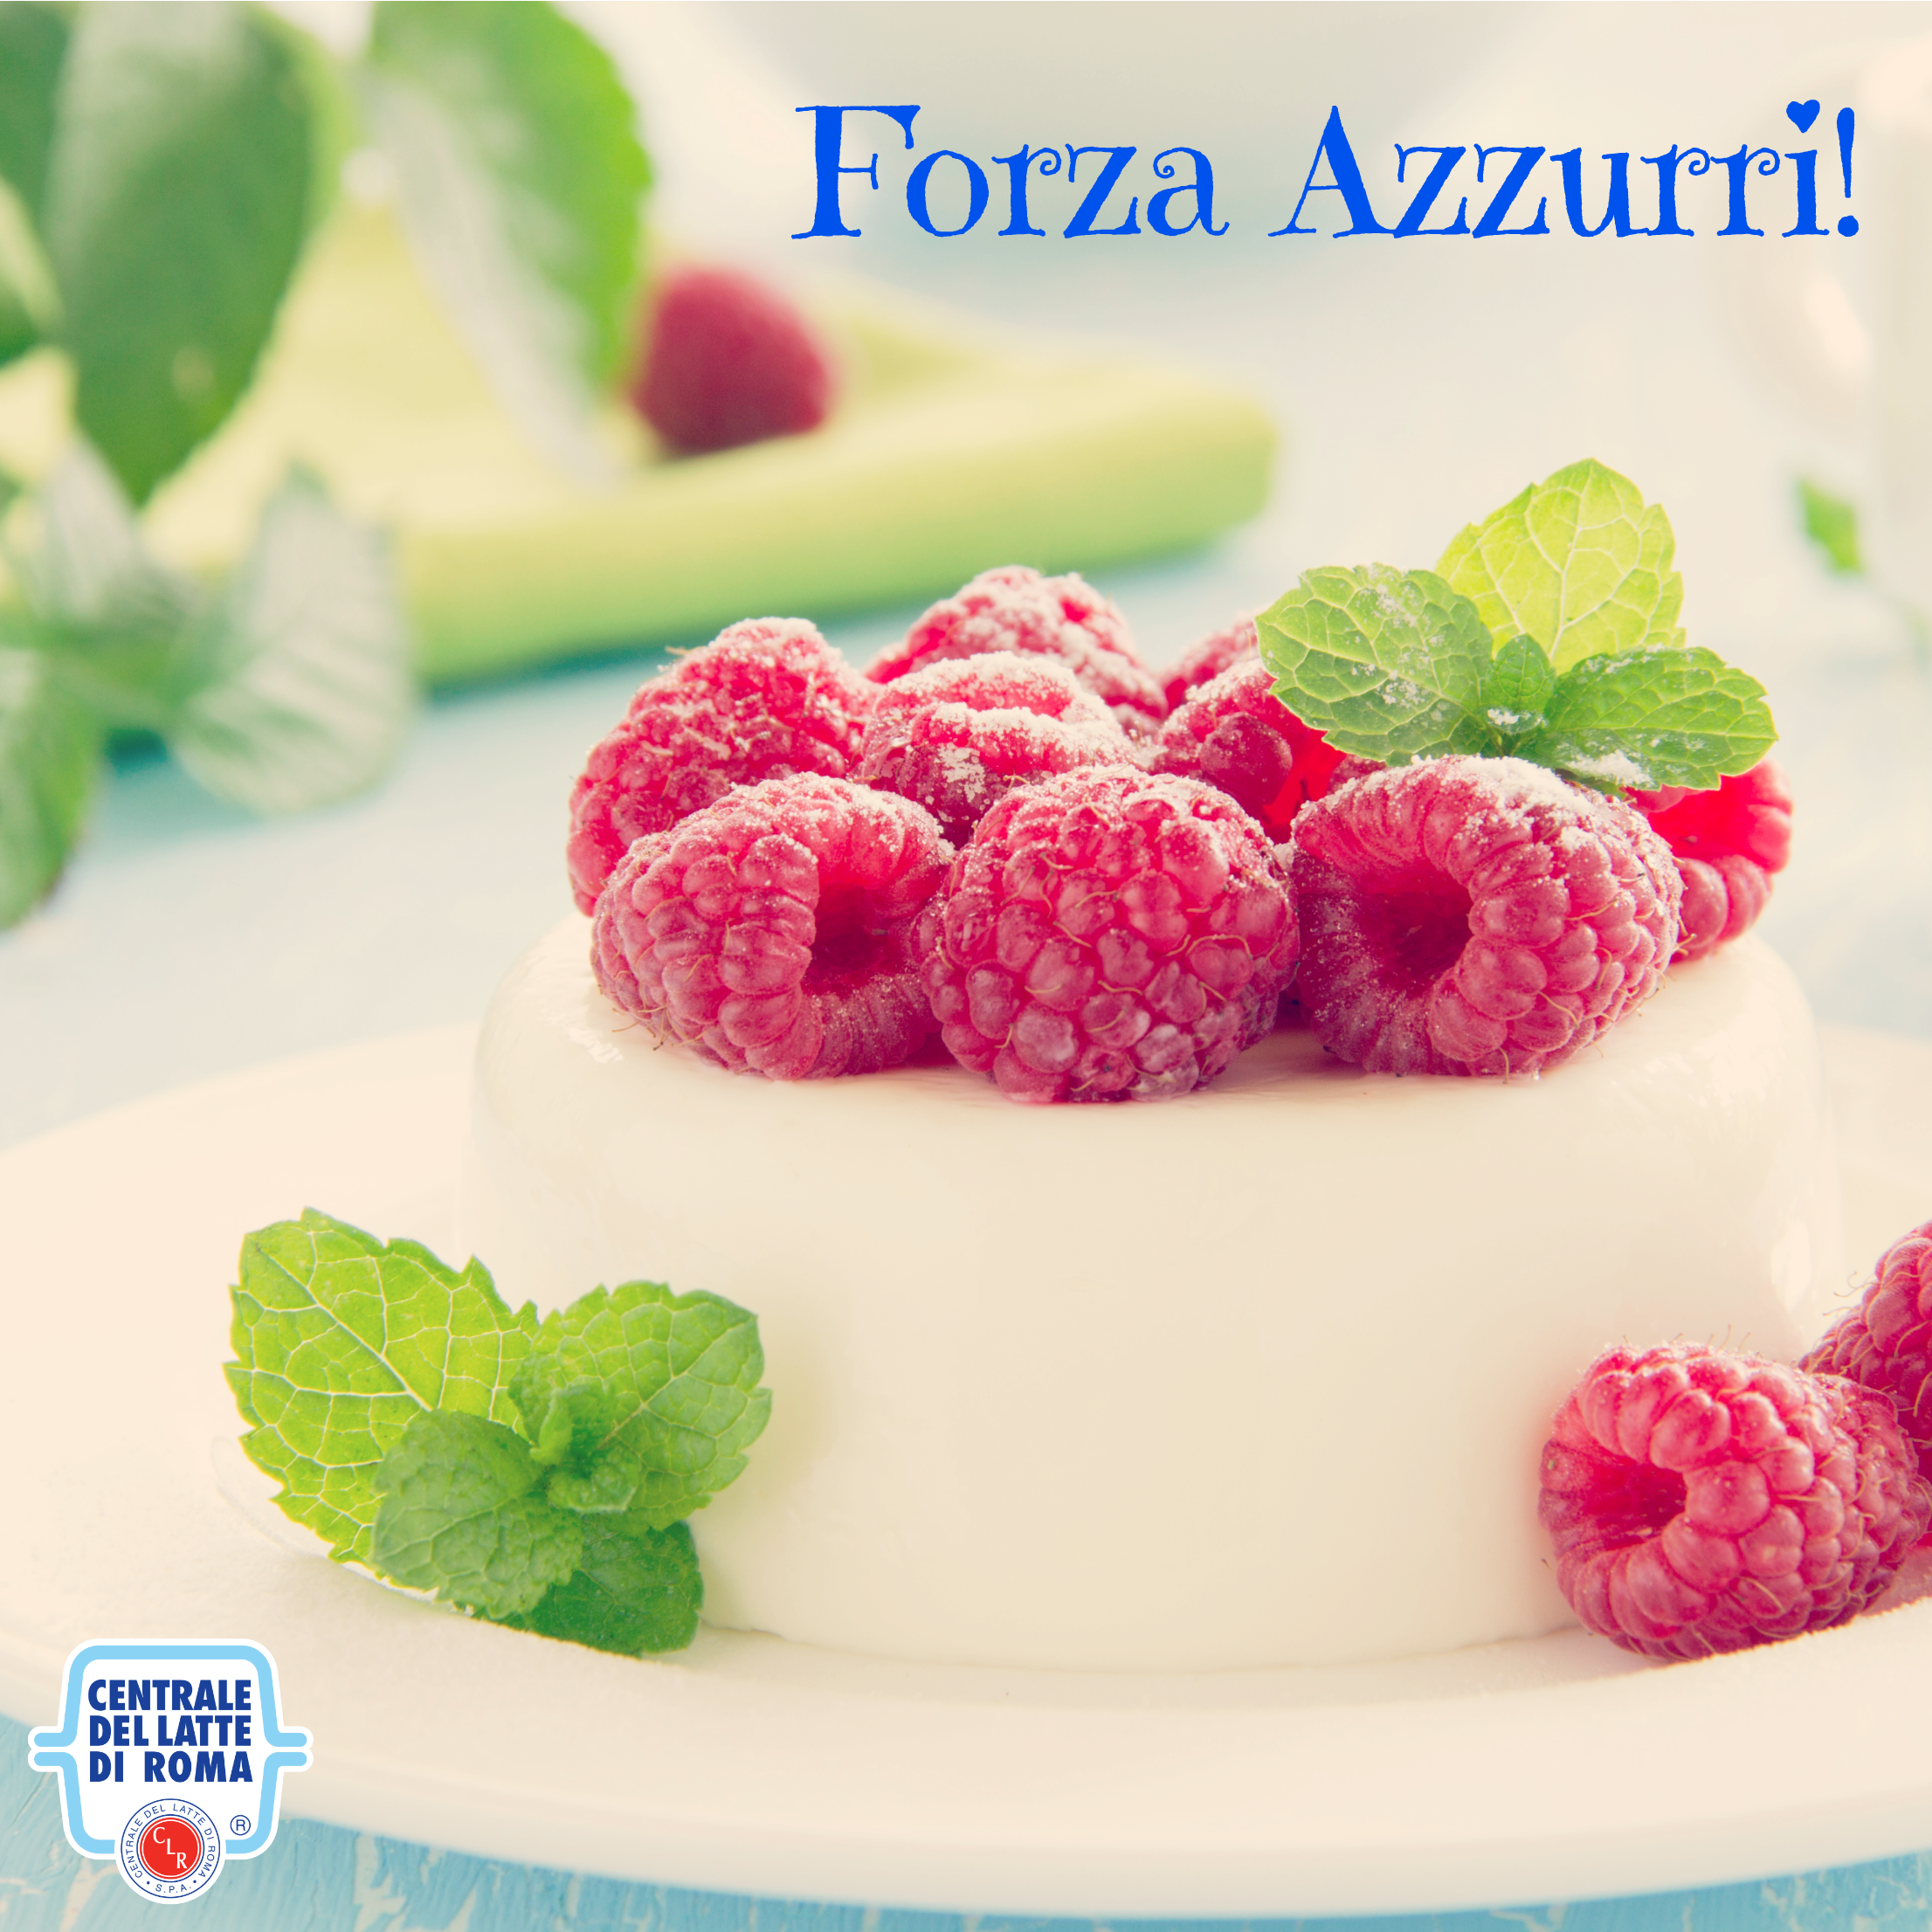 Panna cotta ai lamponi con il tricolore italiano #pannacotta #ForzaAzzurri